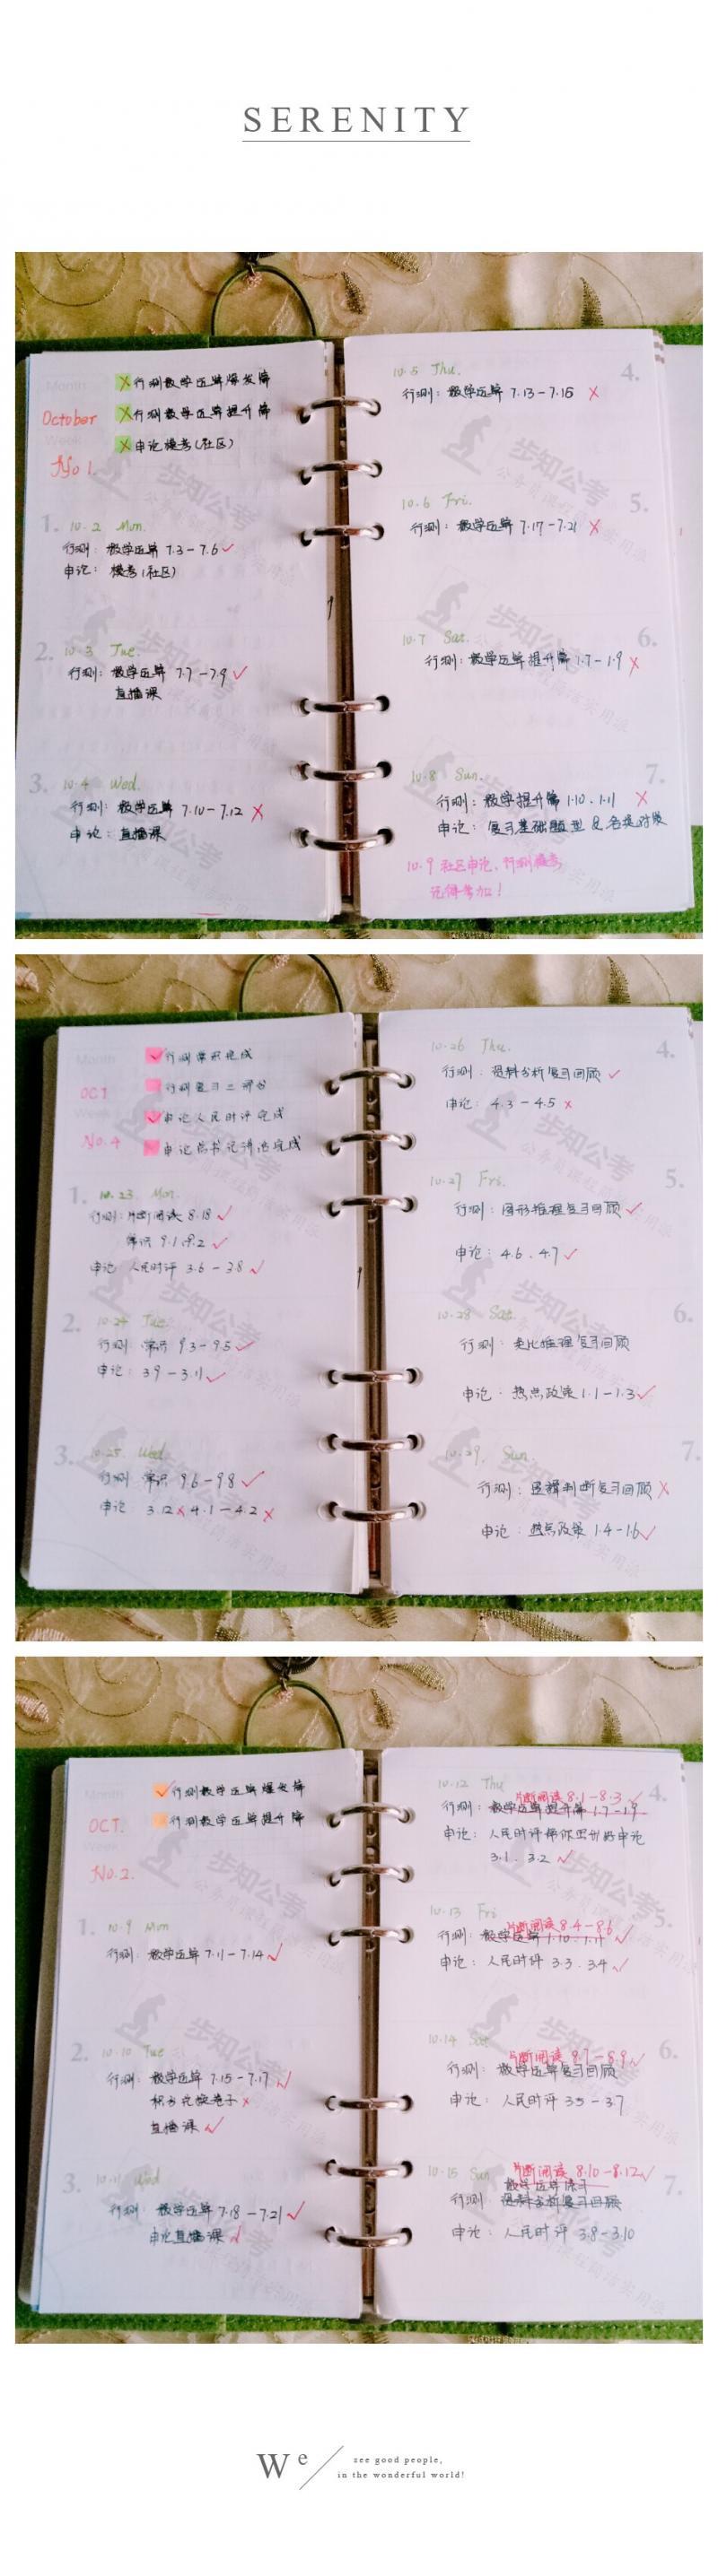 公考小白国考140+上岸的学习笔记分享2.jpg